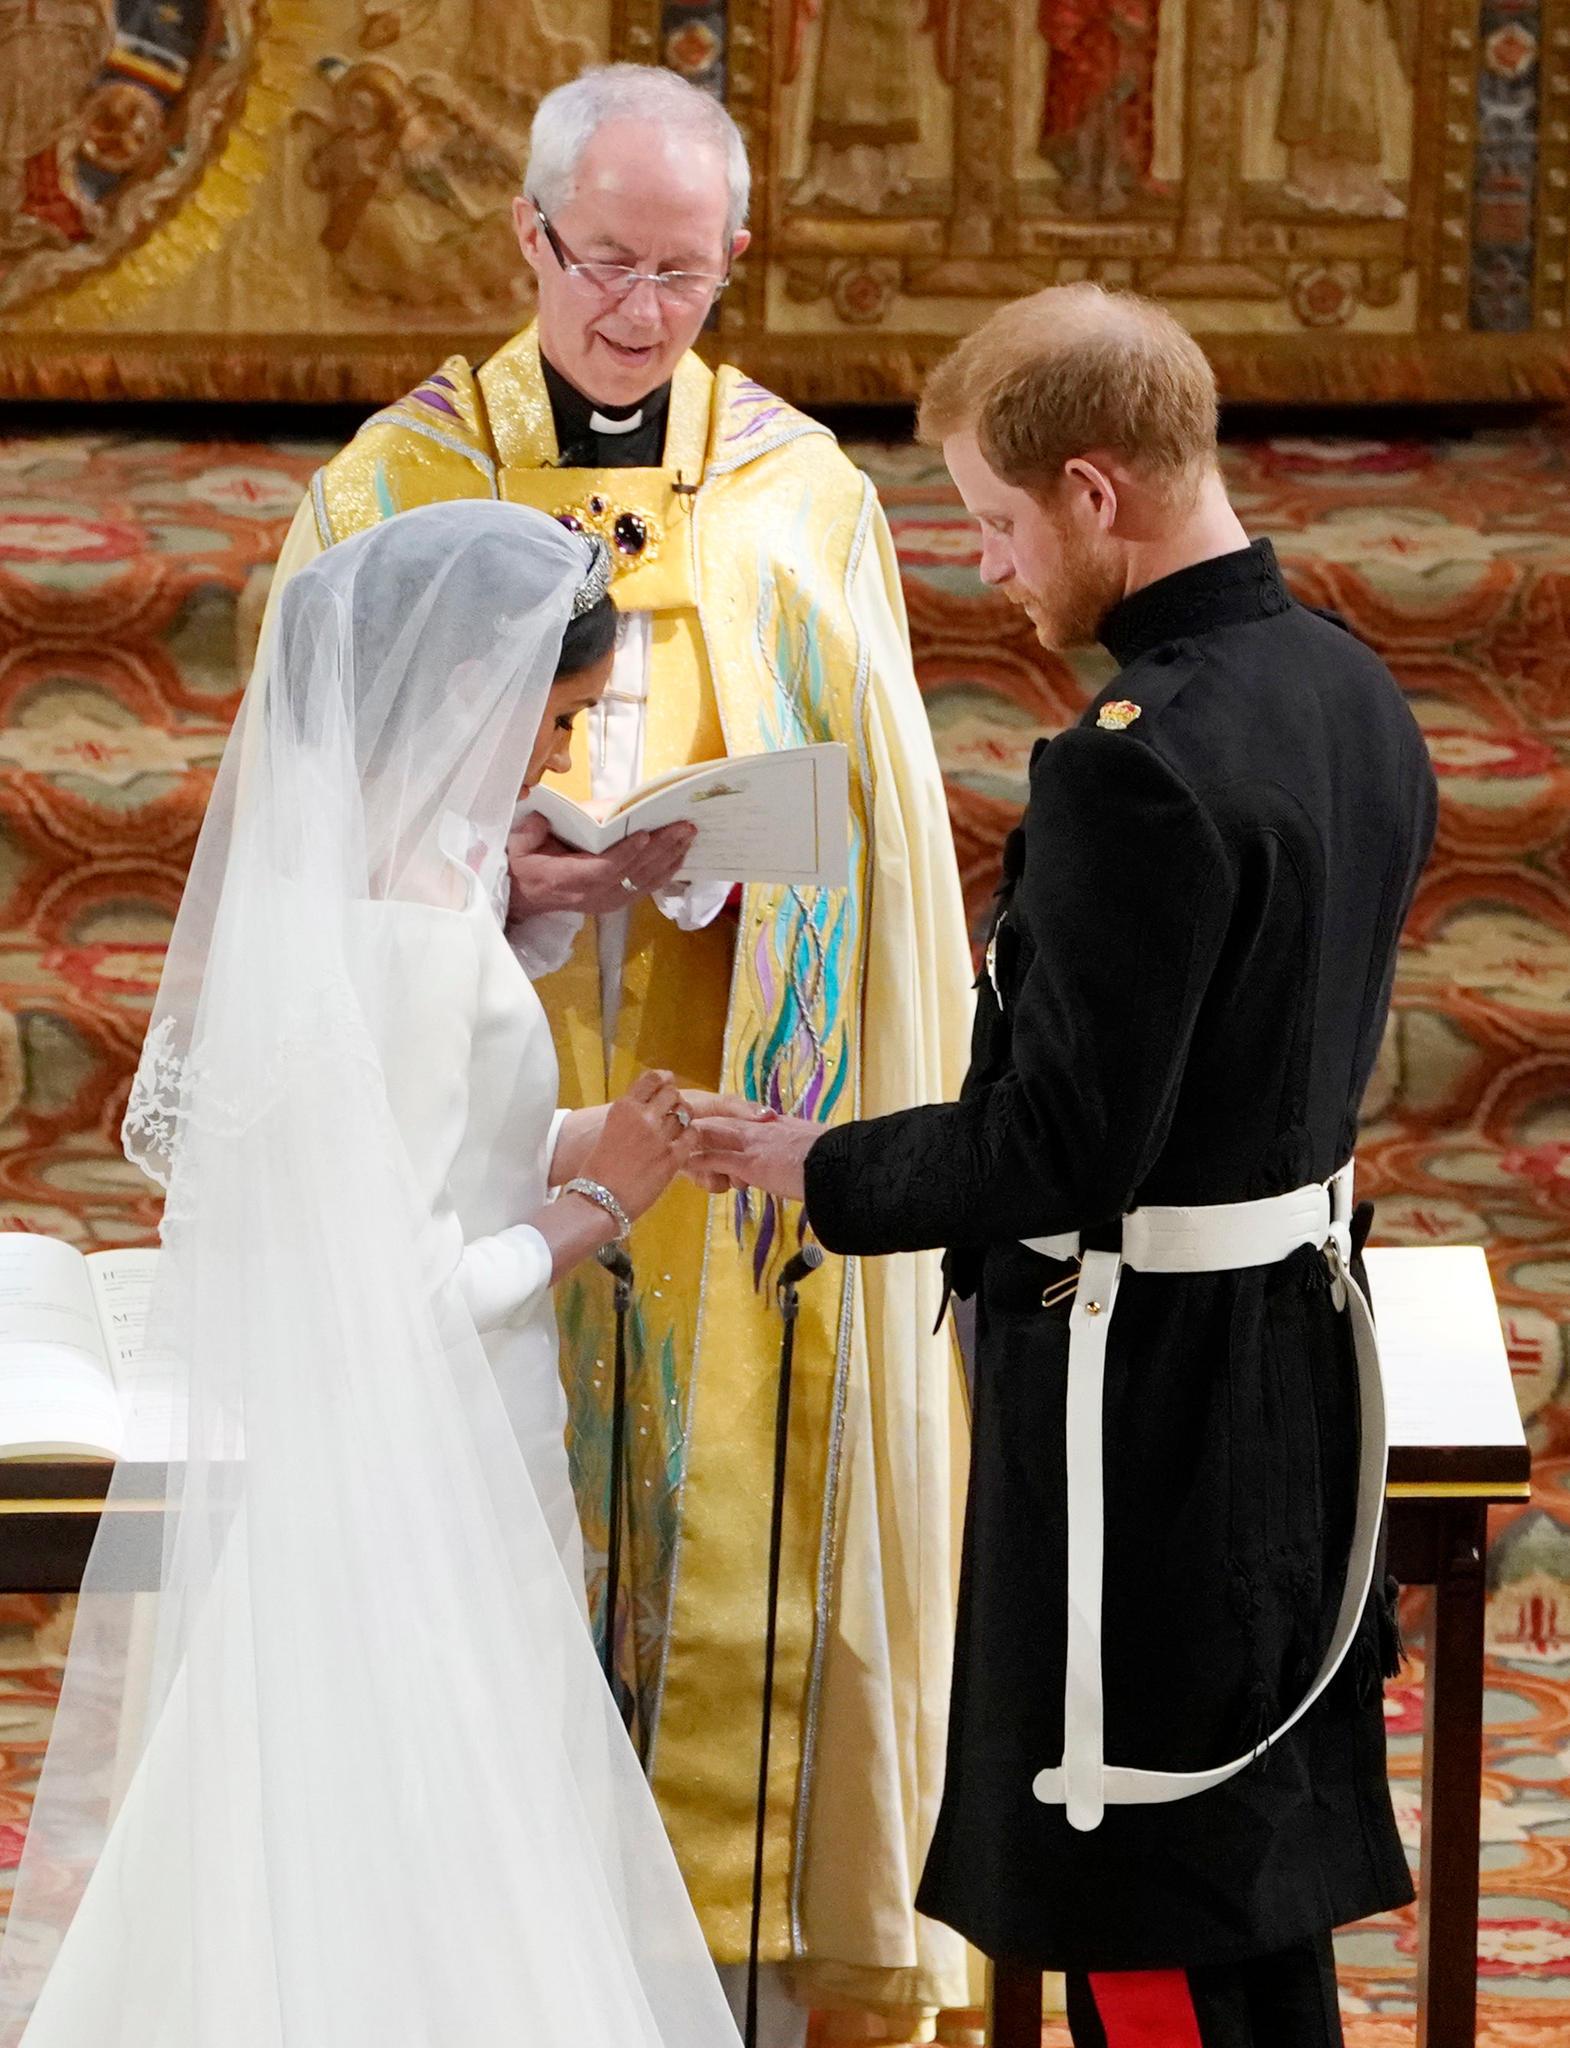 Natürlich bekommt auch Harry einen Ring. Sein Bruder William verzichtete bei seiner Hochzeit mit Kate damals darauf.